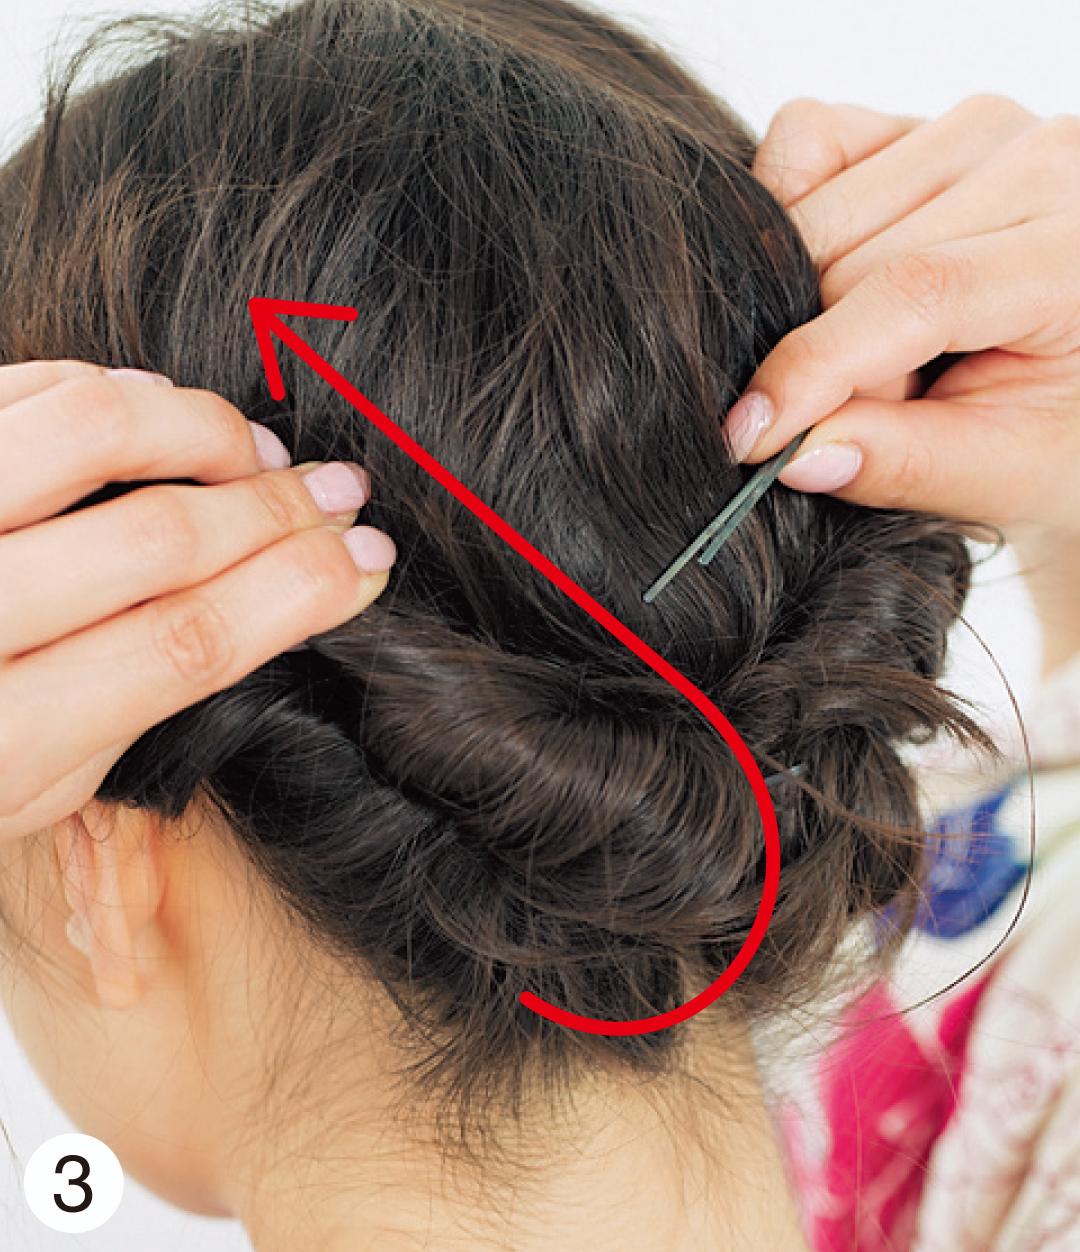 2でねじった毛束を、写真のようにサイドのほうに持っていき、何か所かをピンでしっかり固定して。最後に髪飾りをつけたら完成!